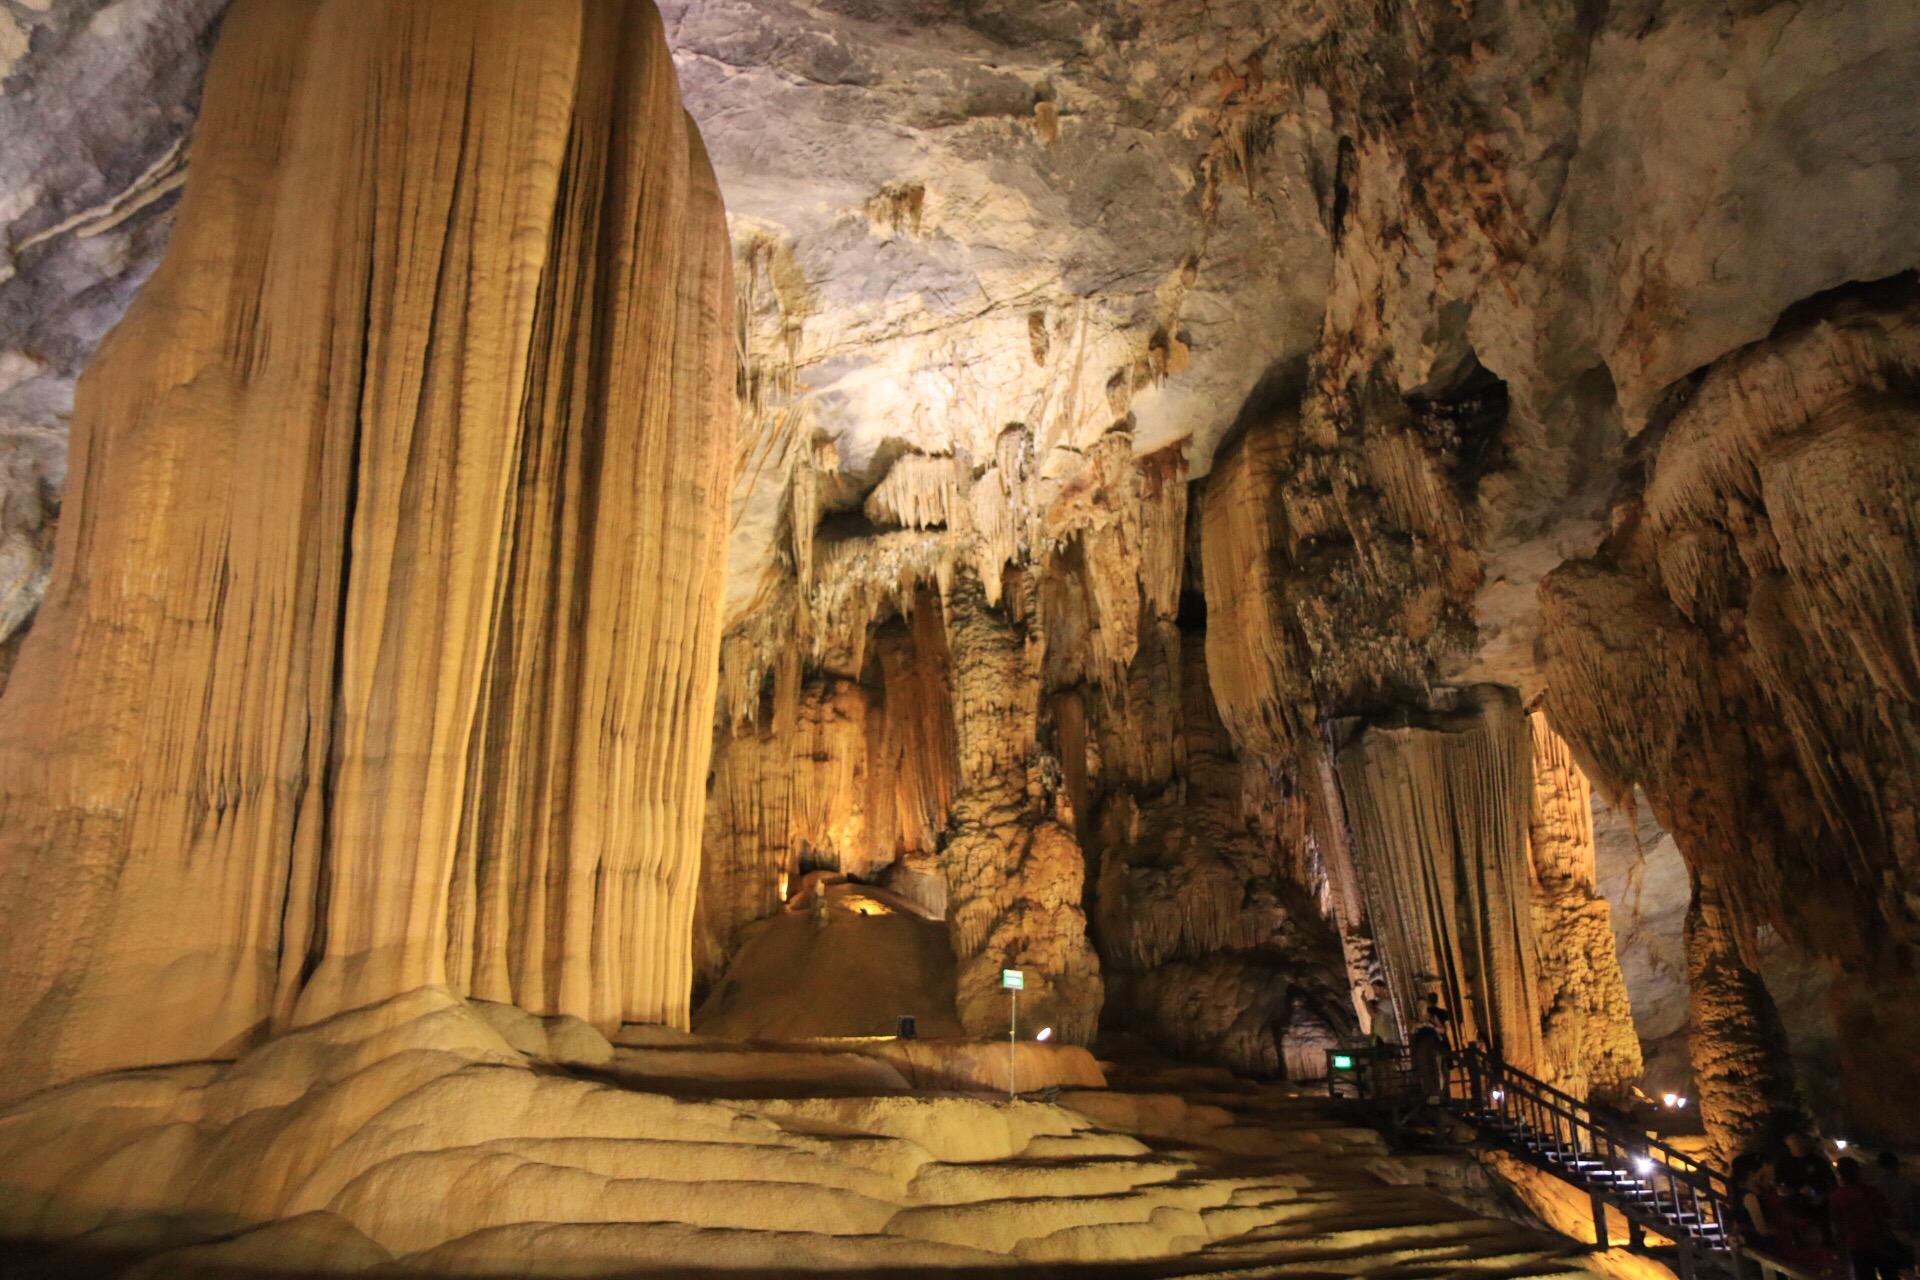 Nach einer etwas engeren Stelle, war die Höhle hier wieder 30-40 Meter hoch.